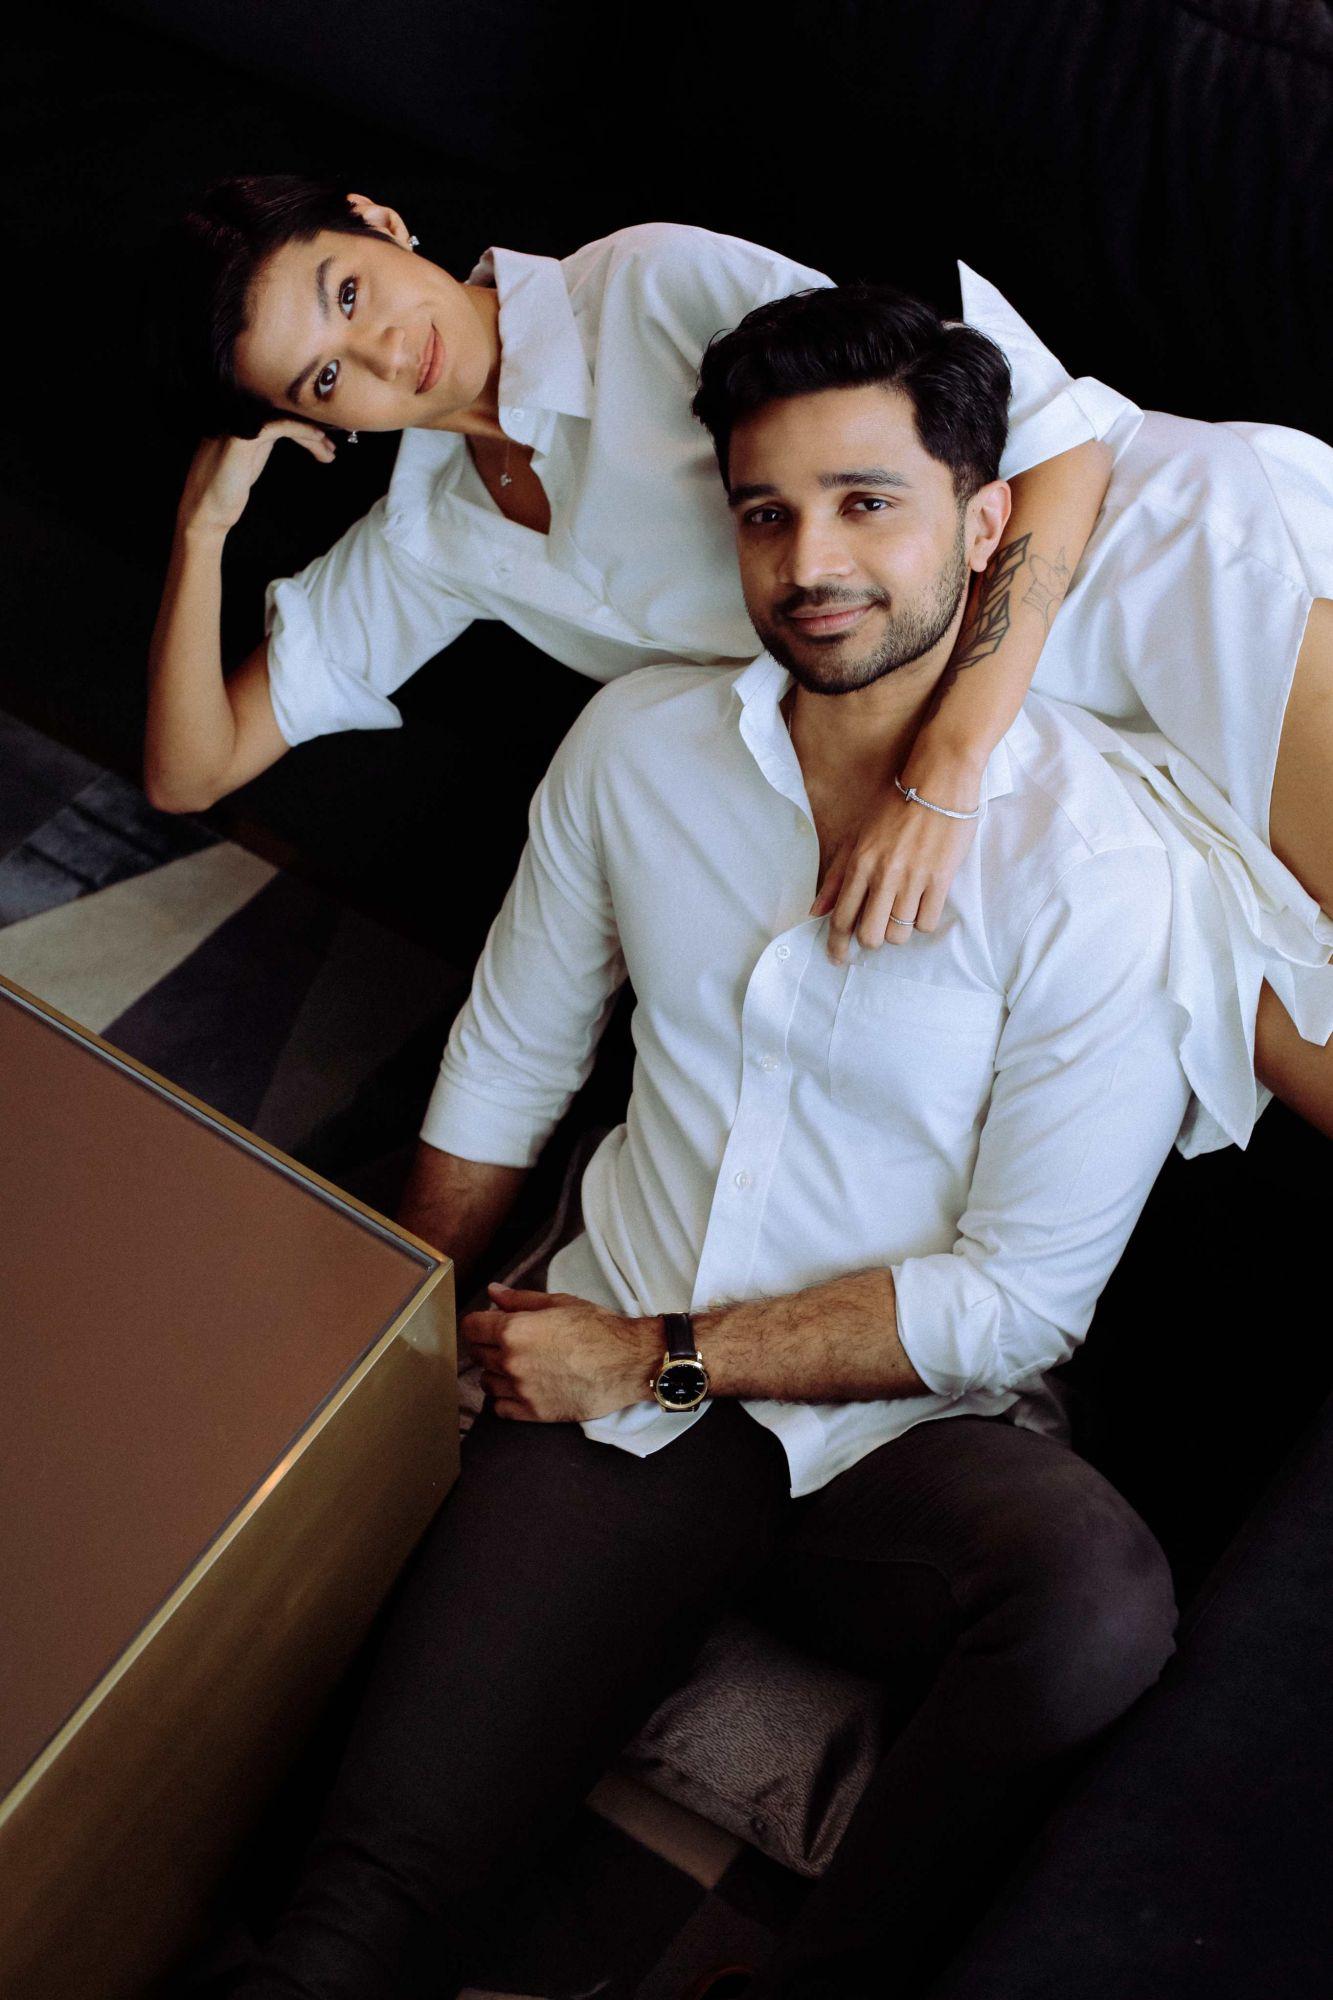 The Love Story Of Alicia Amin & Farzan Iqbal